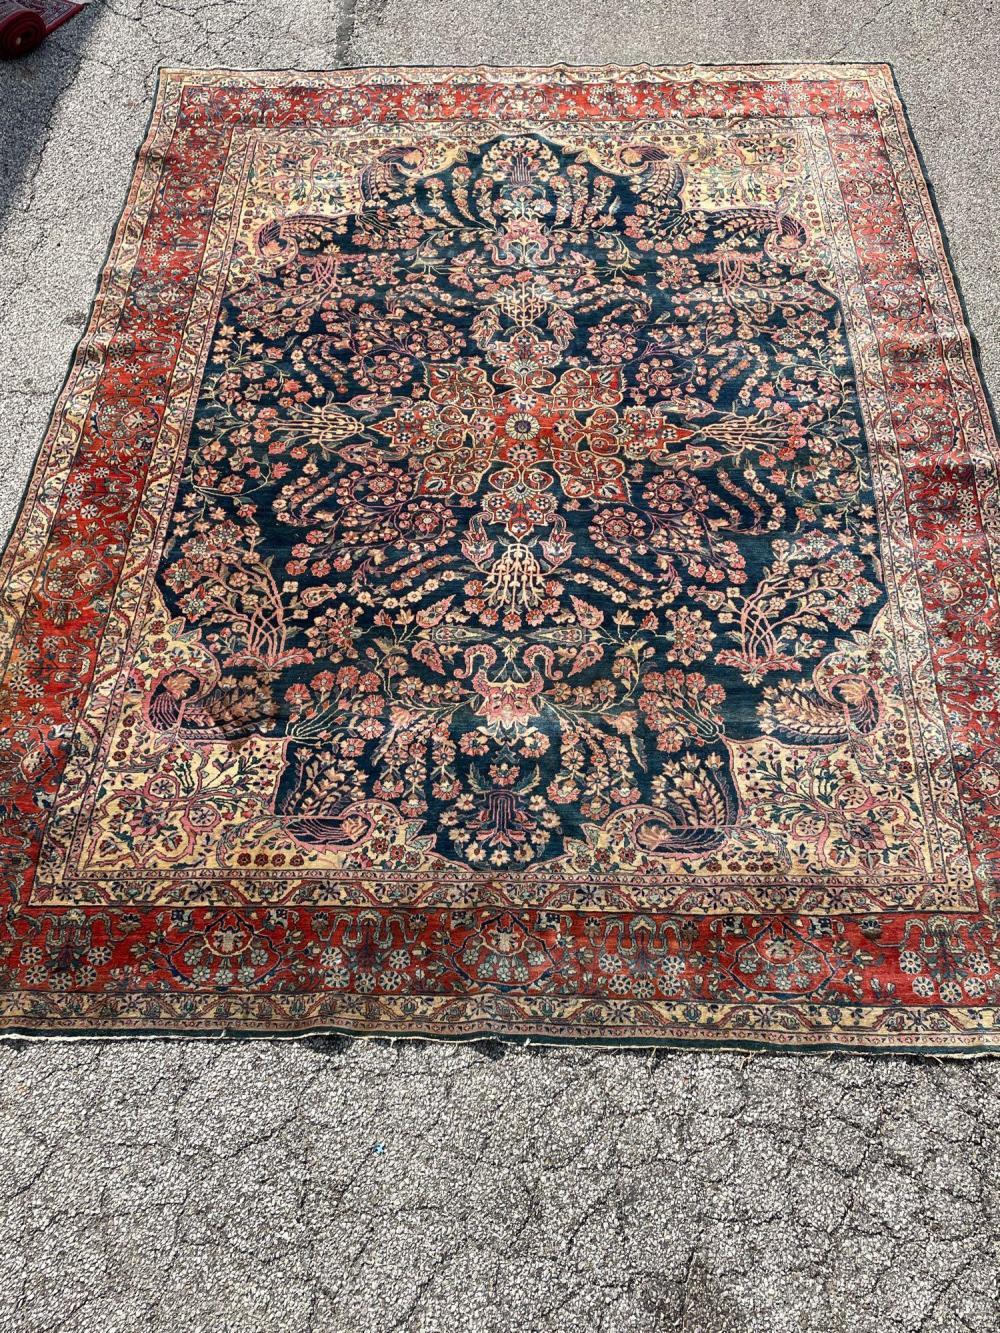 Antique Room Size Persian Sarouk Carpet